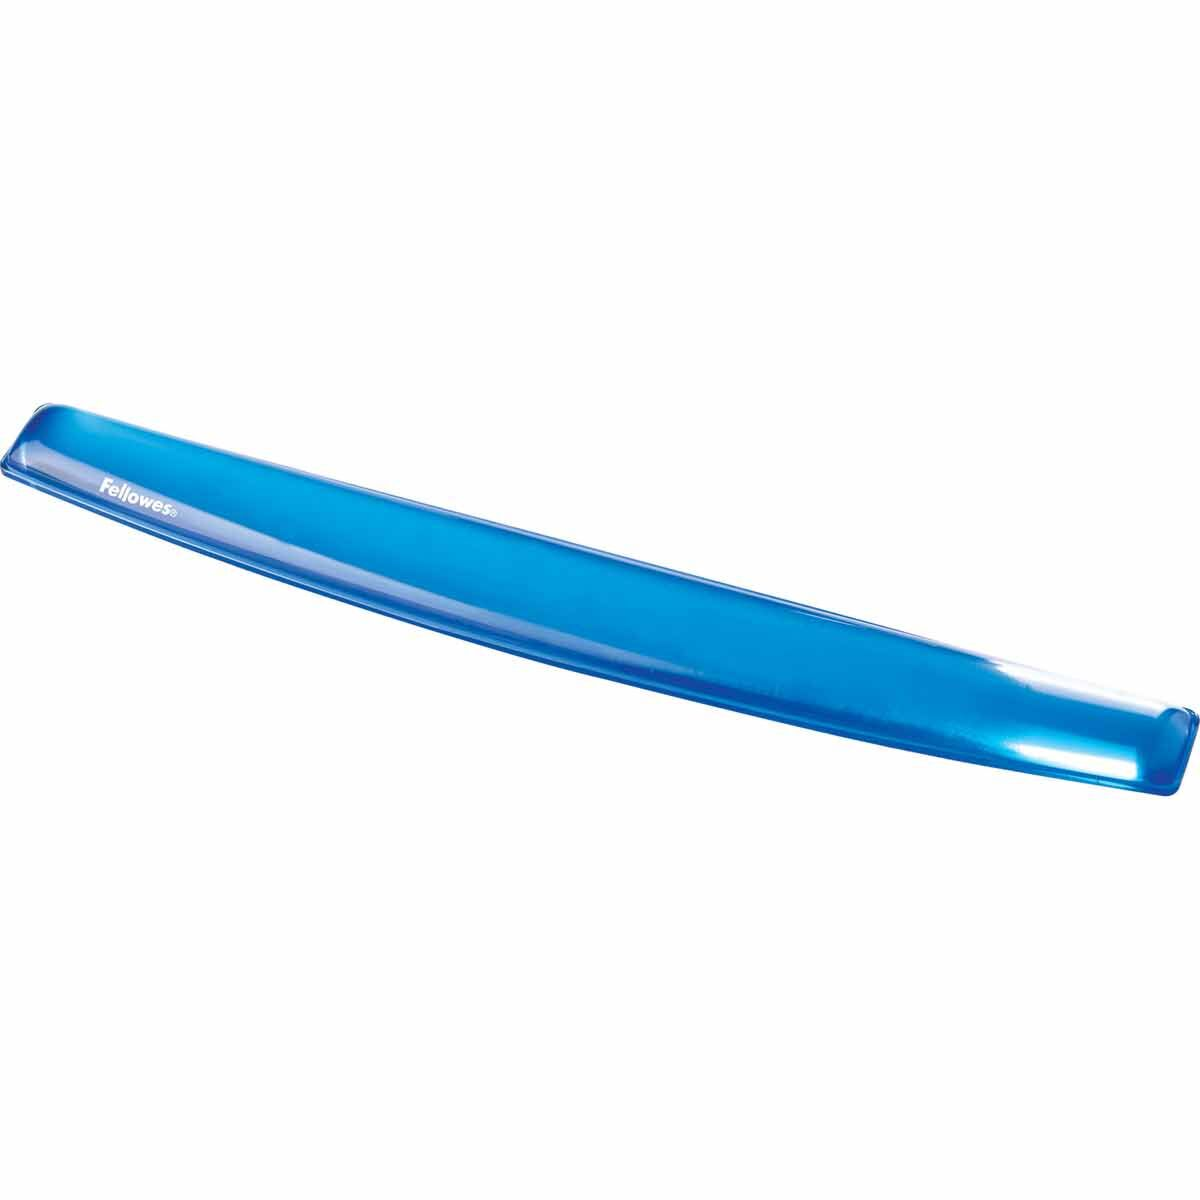 Fellowes Gel Keyboard Wrist Support Blue